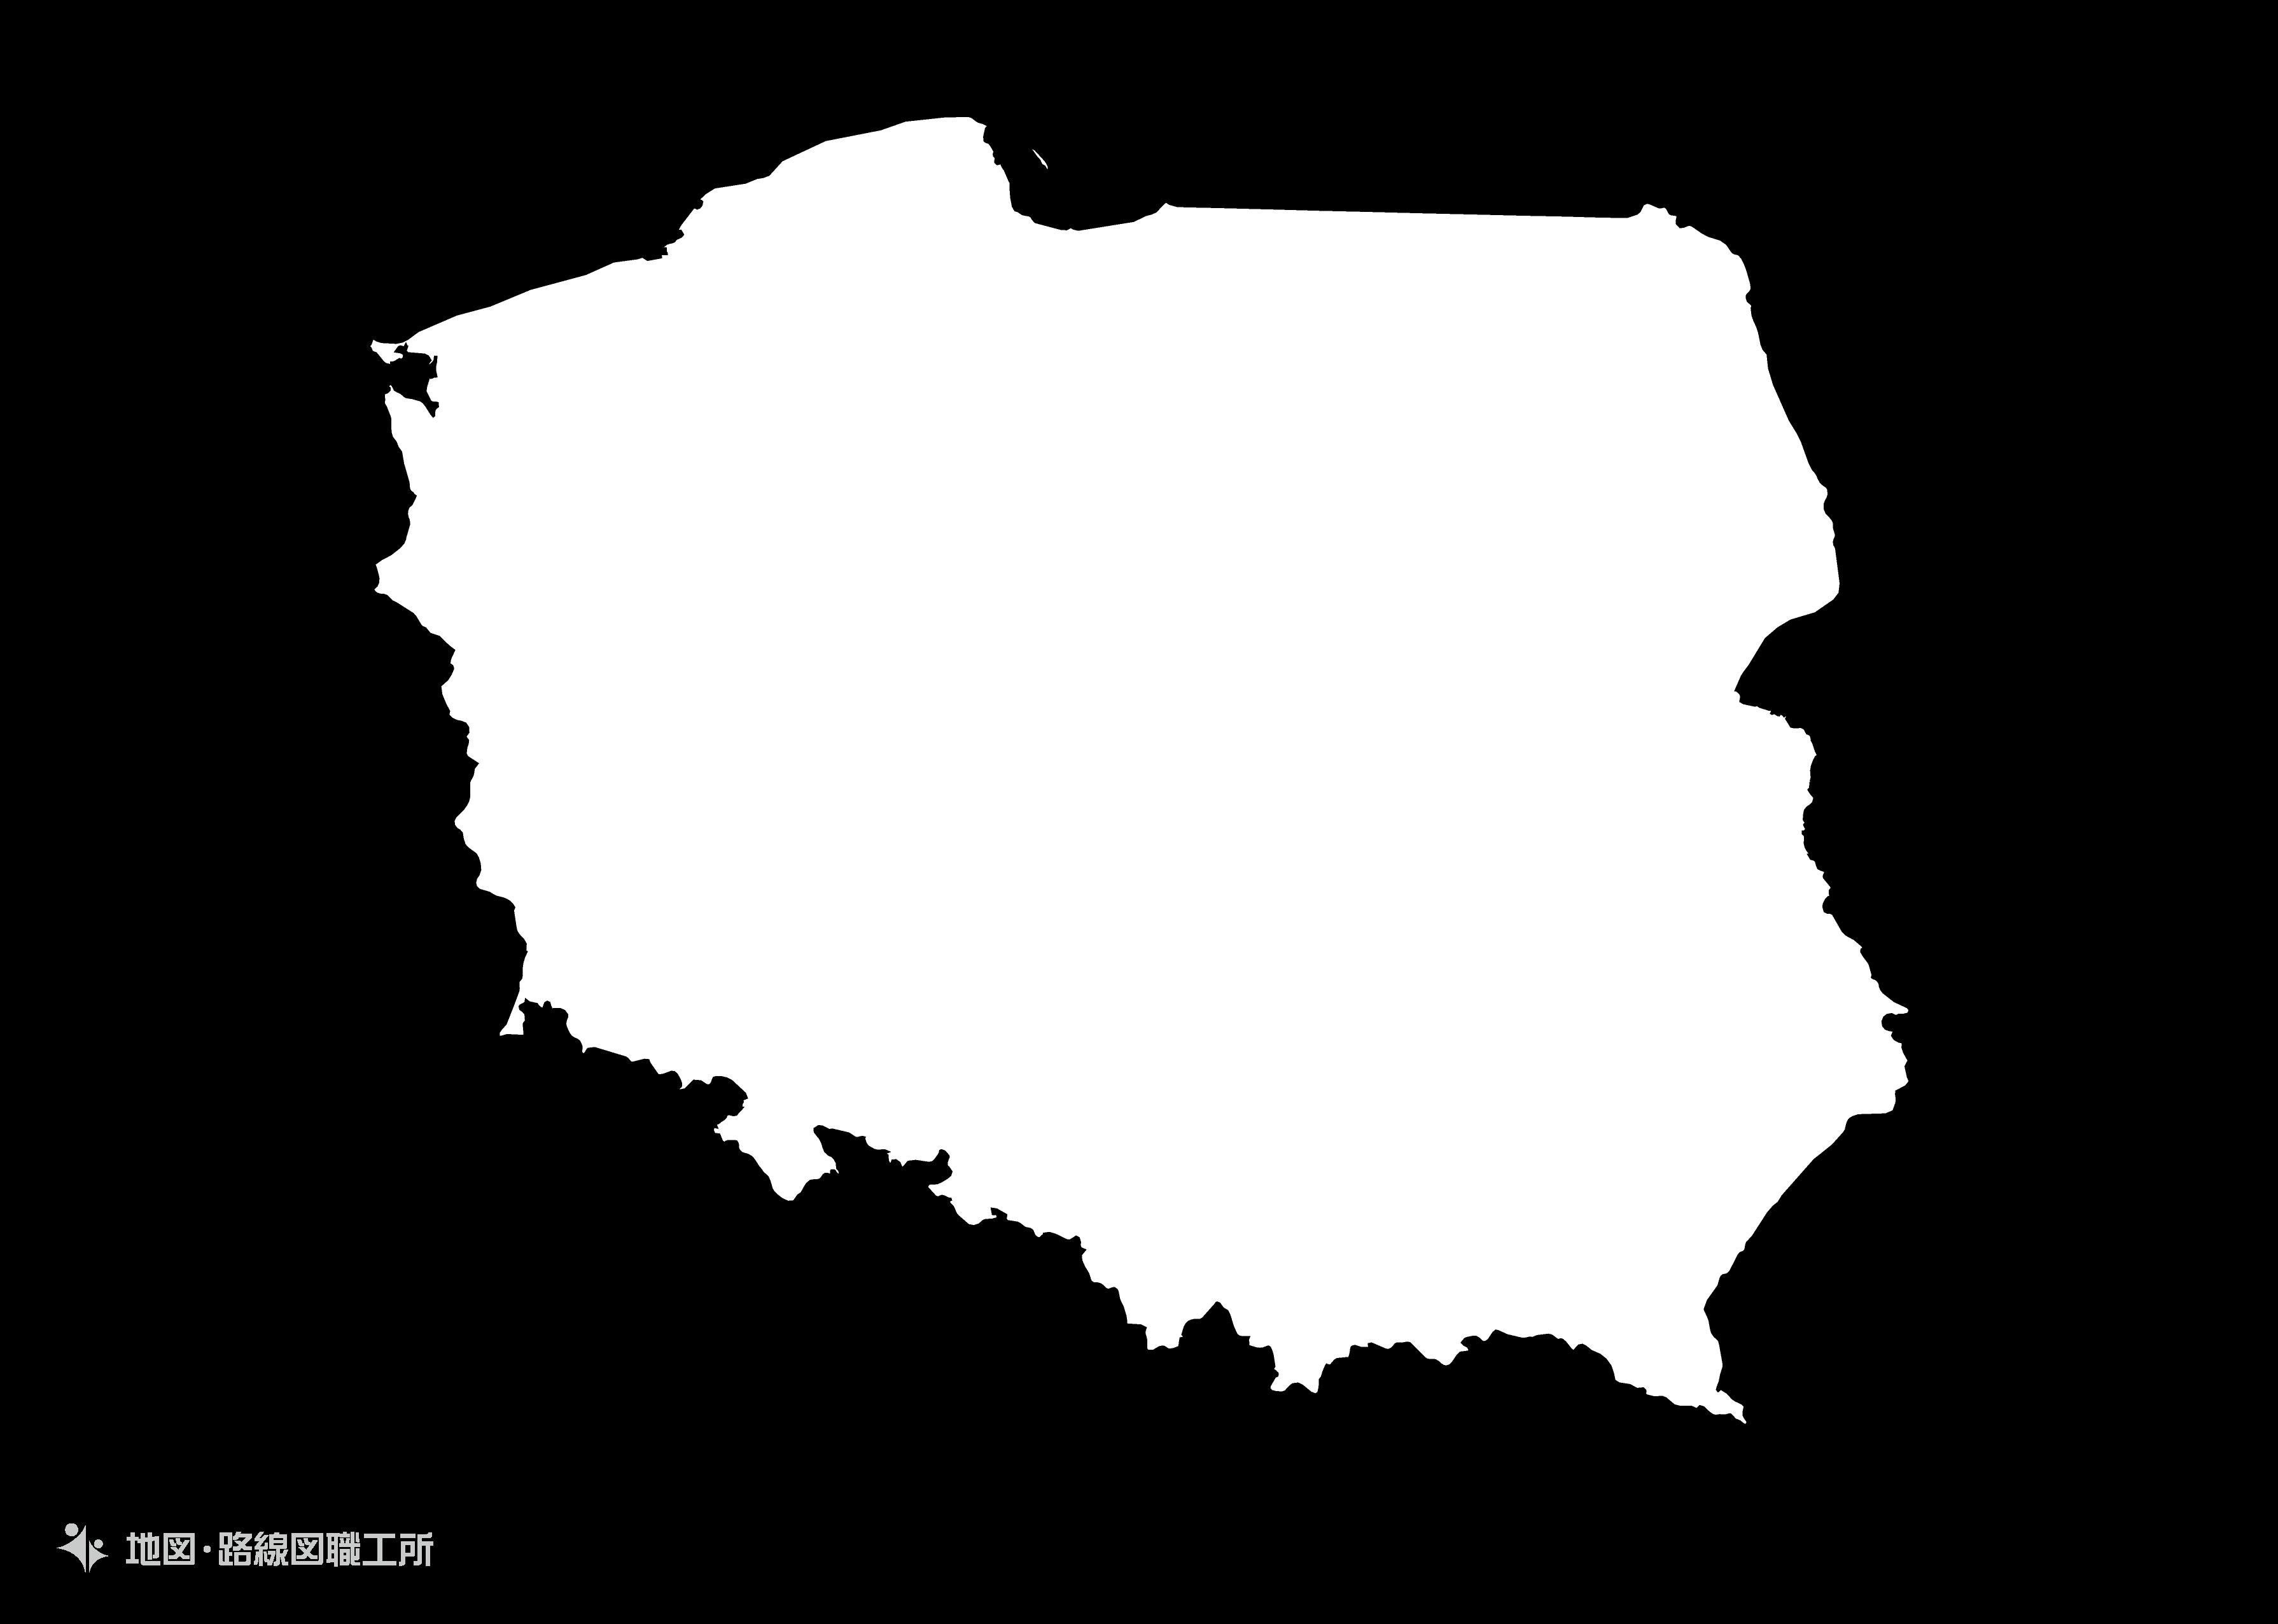 世界の白地図 ポーランド共和国 republic-of-poland map